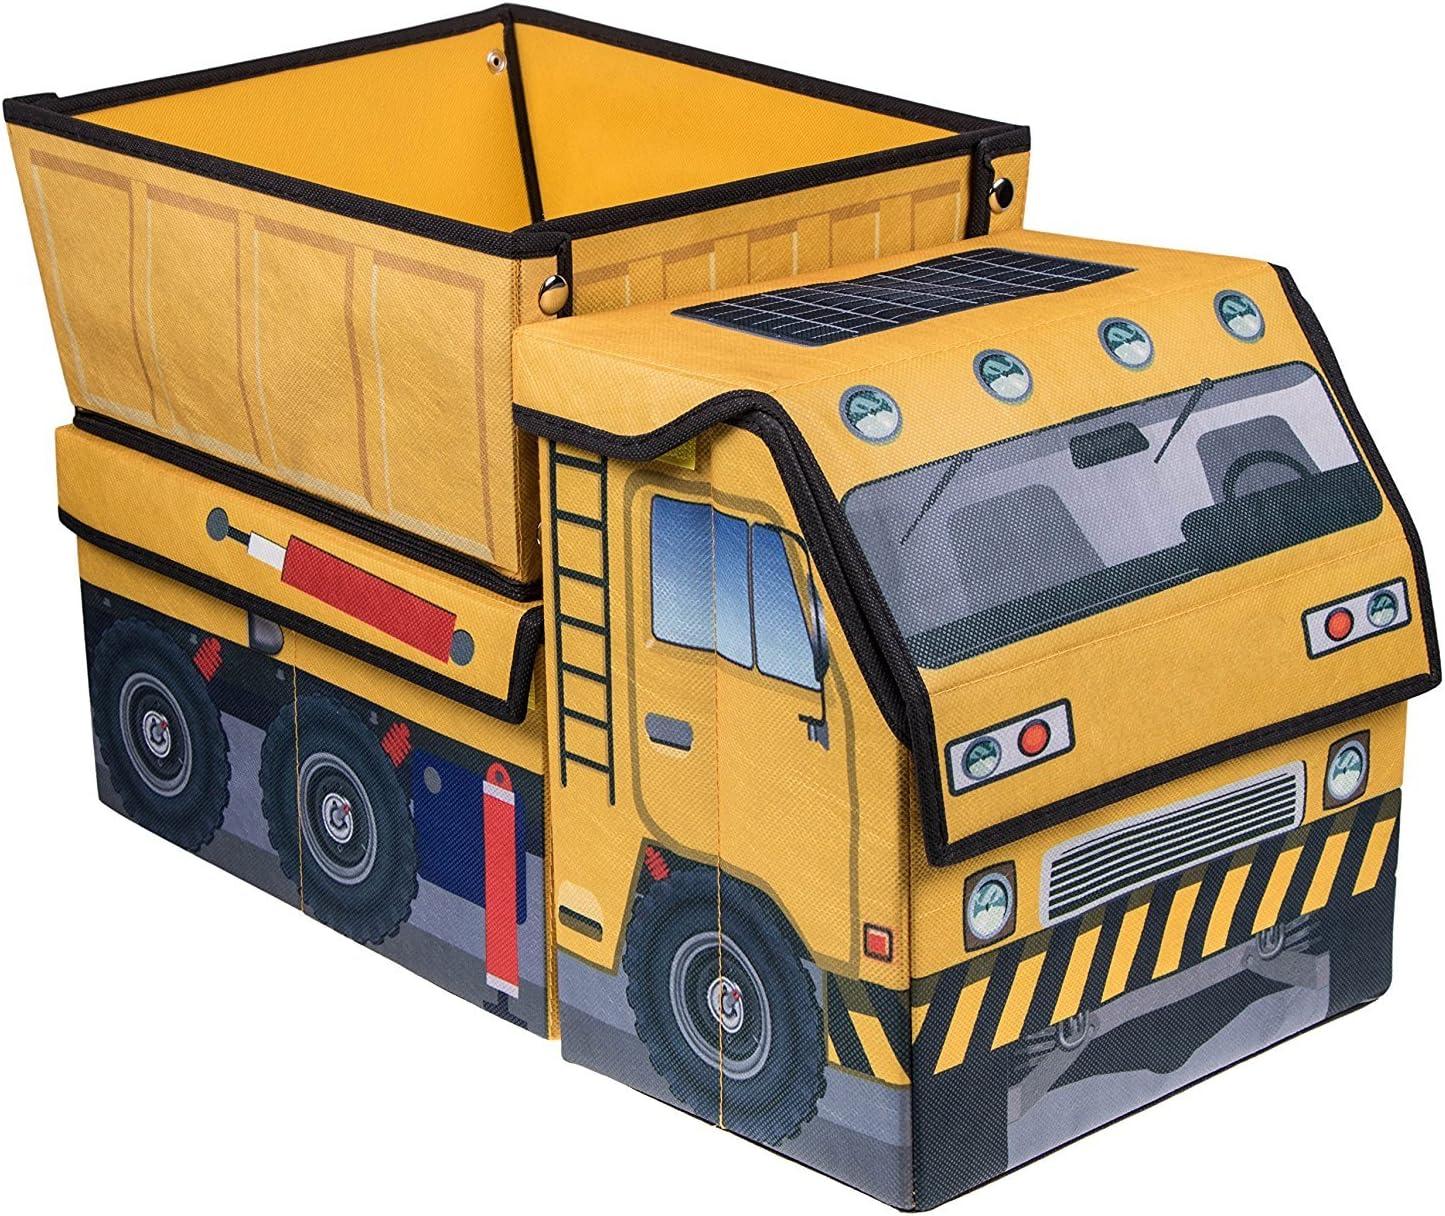 Scatola pieghevole per giochi autocarro cantiere giallo e nero